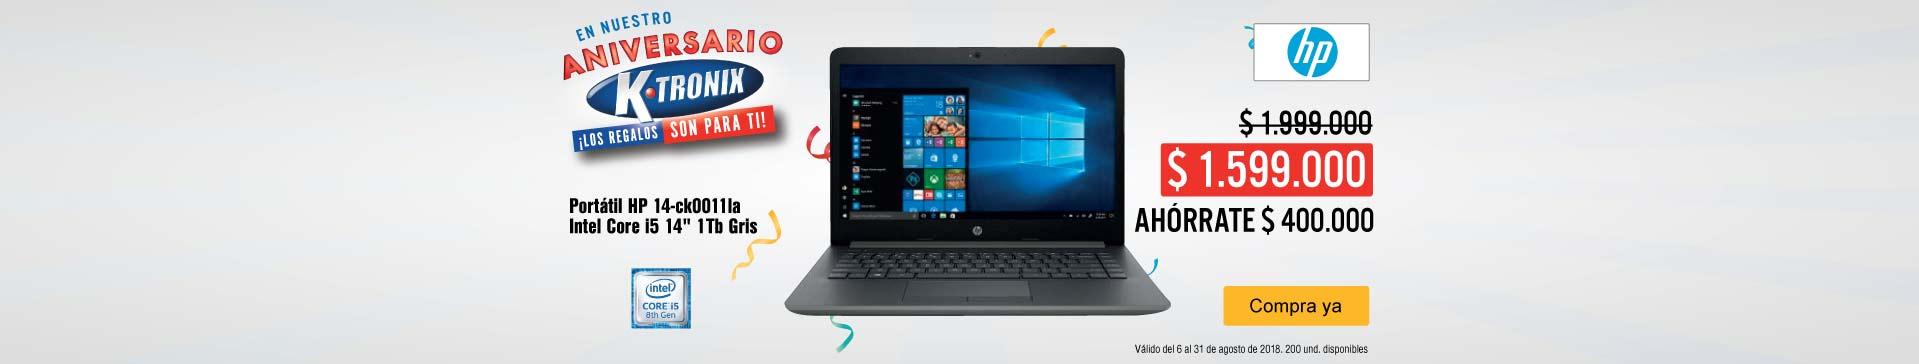 KT-HIPER-1-computadores y tablets-PP---Hp-Portátil 14-ck0011la-Ago15